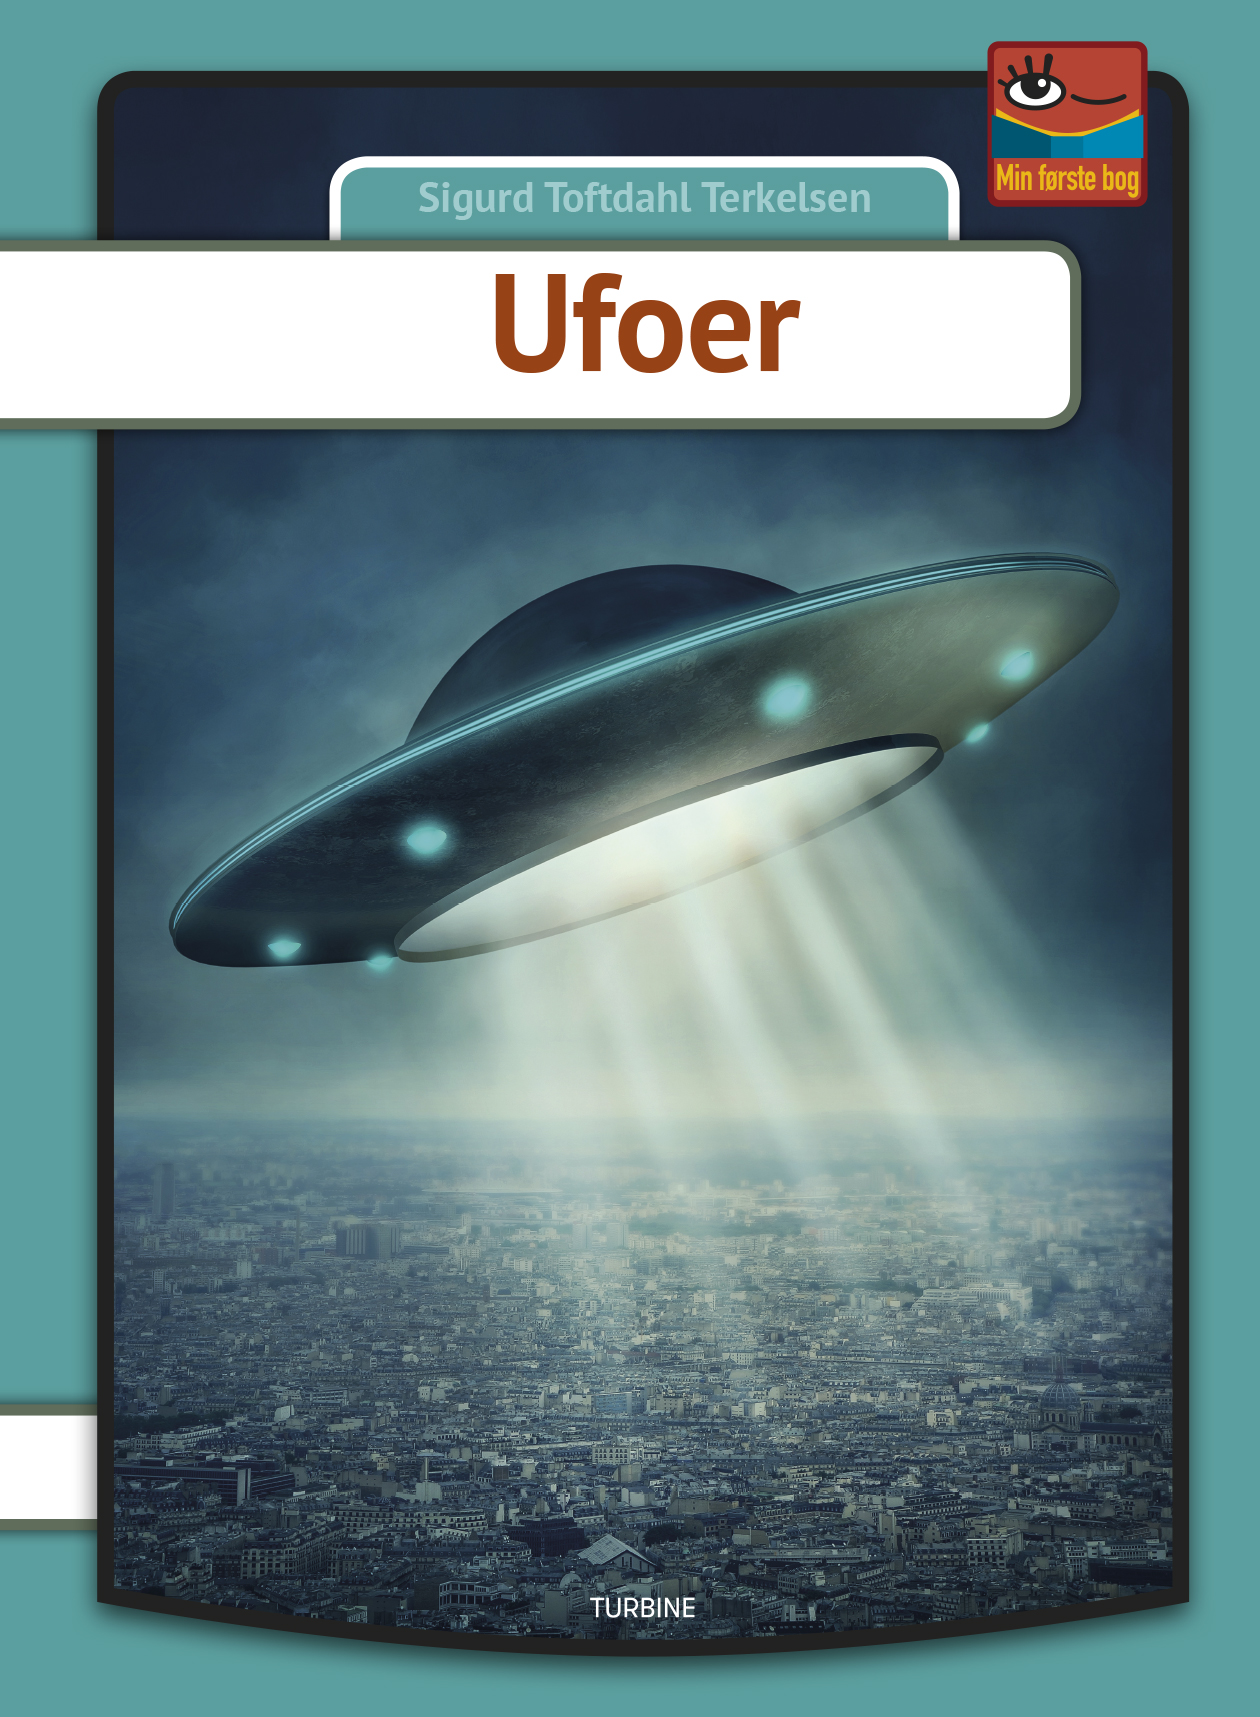 Ufoer